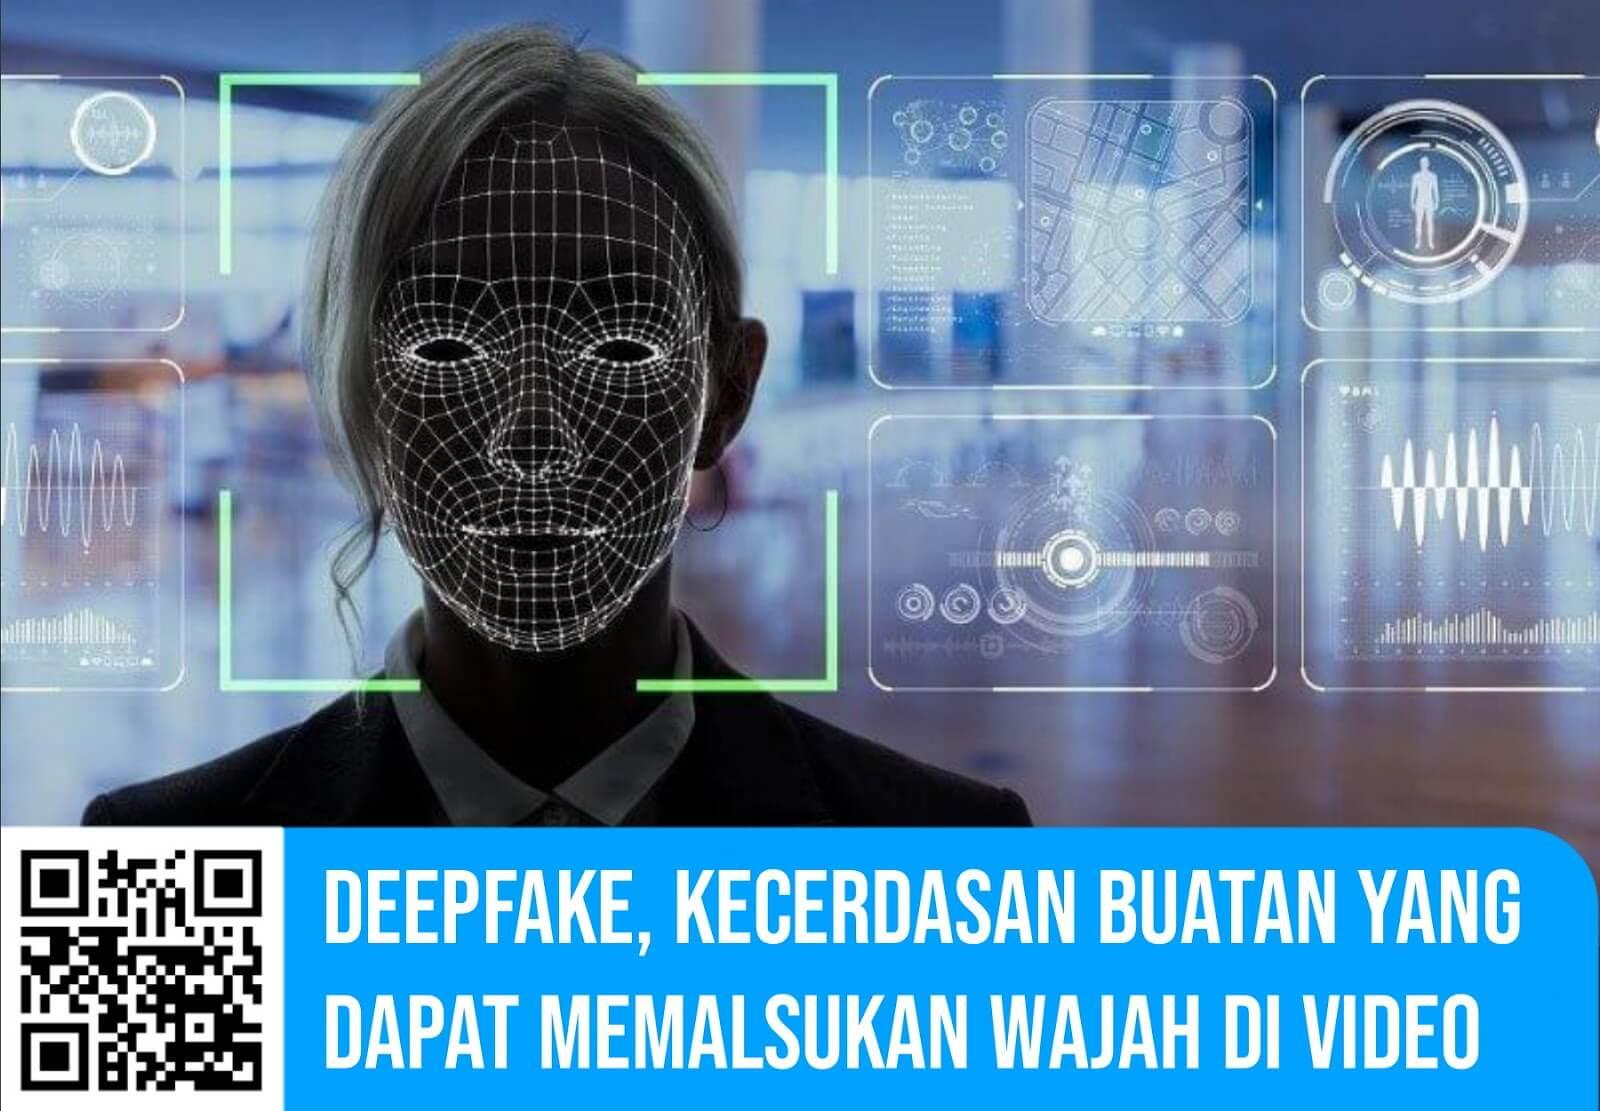 Deepfake, Kecerdasan Buatan Yang Dapat Memalsukan Wajah di Video